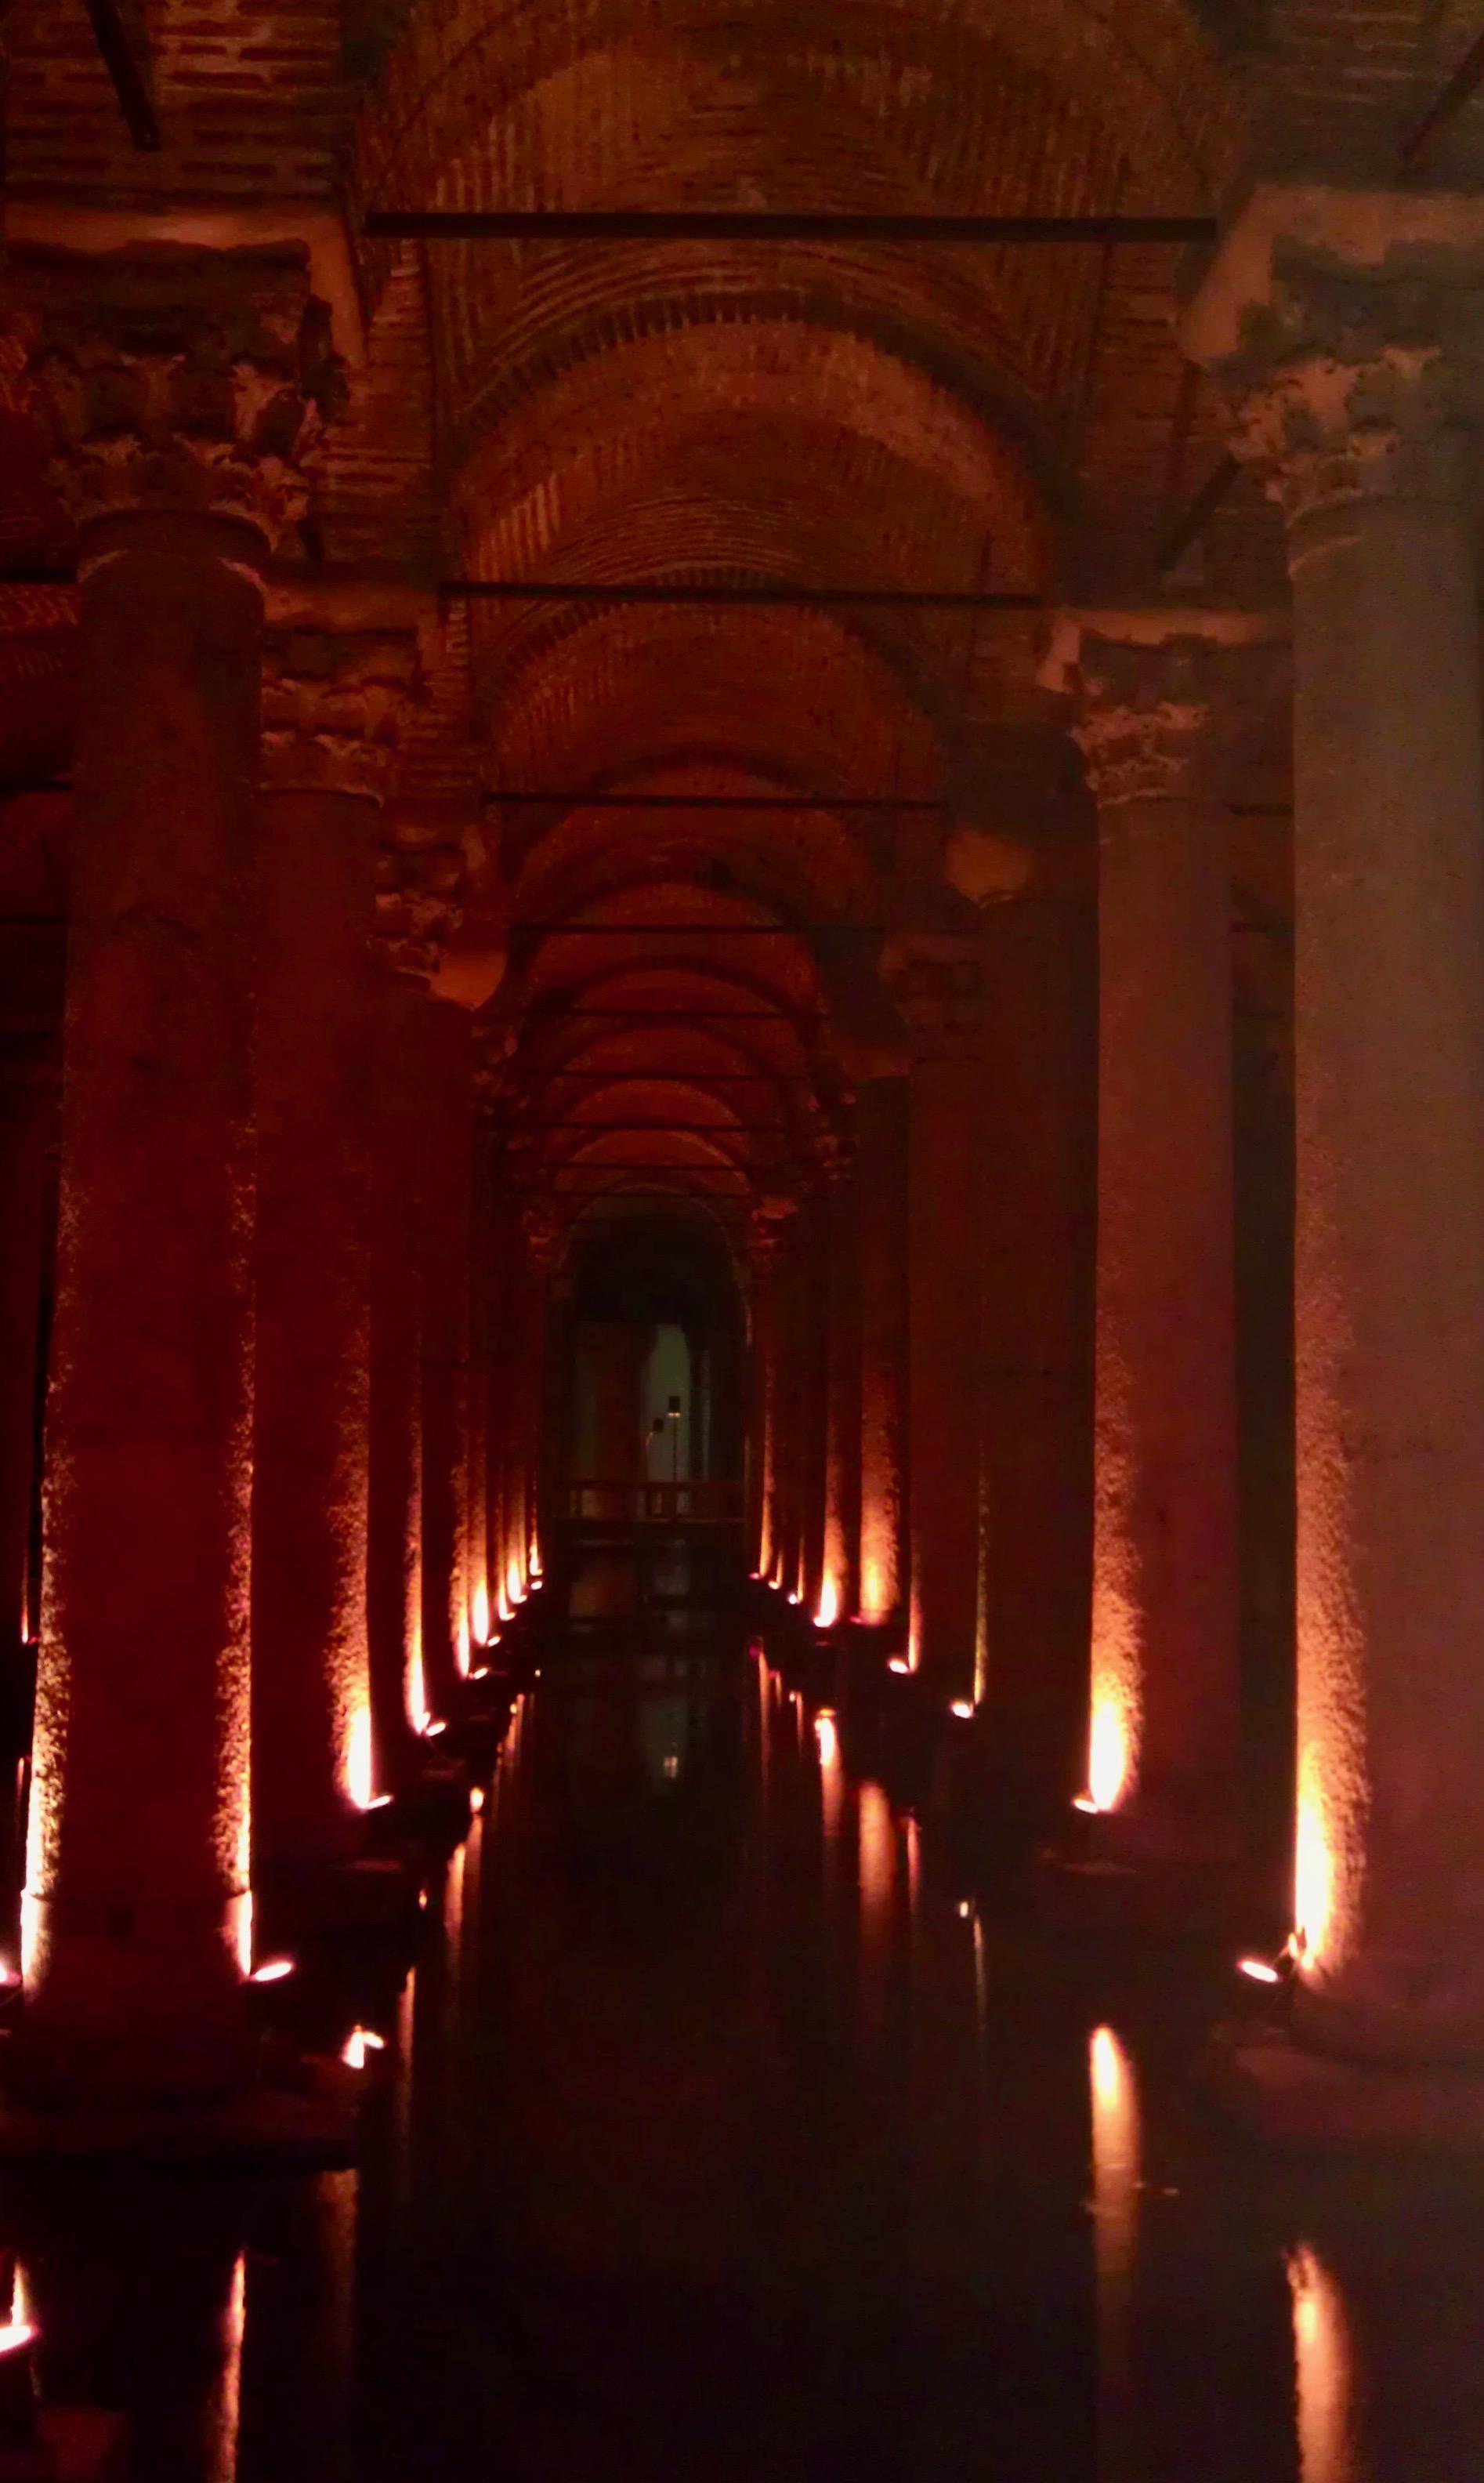 Istanbul Cisterna Basilica Yerebatan Zisterne Versunkener Palast Istanbul Sehenswürdigkeiten Türkei